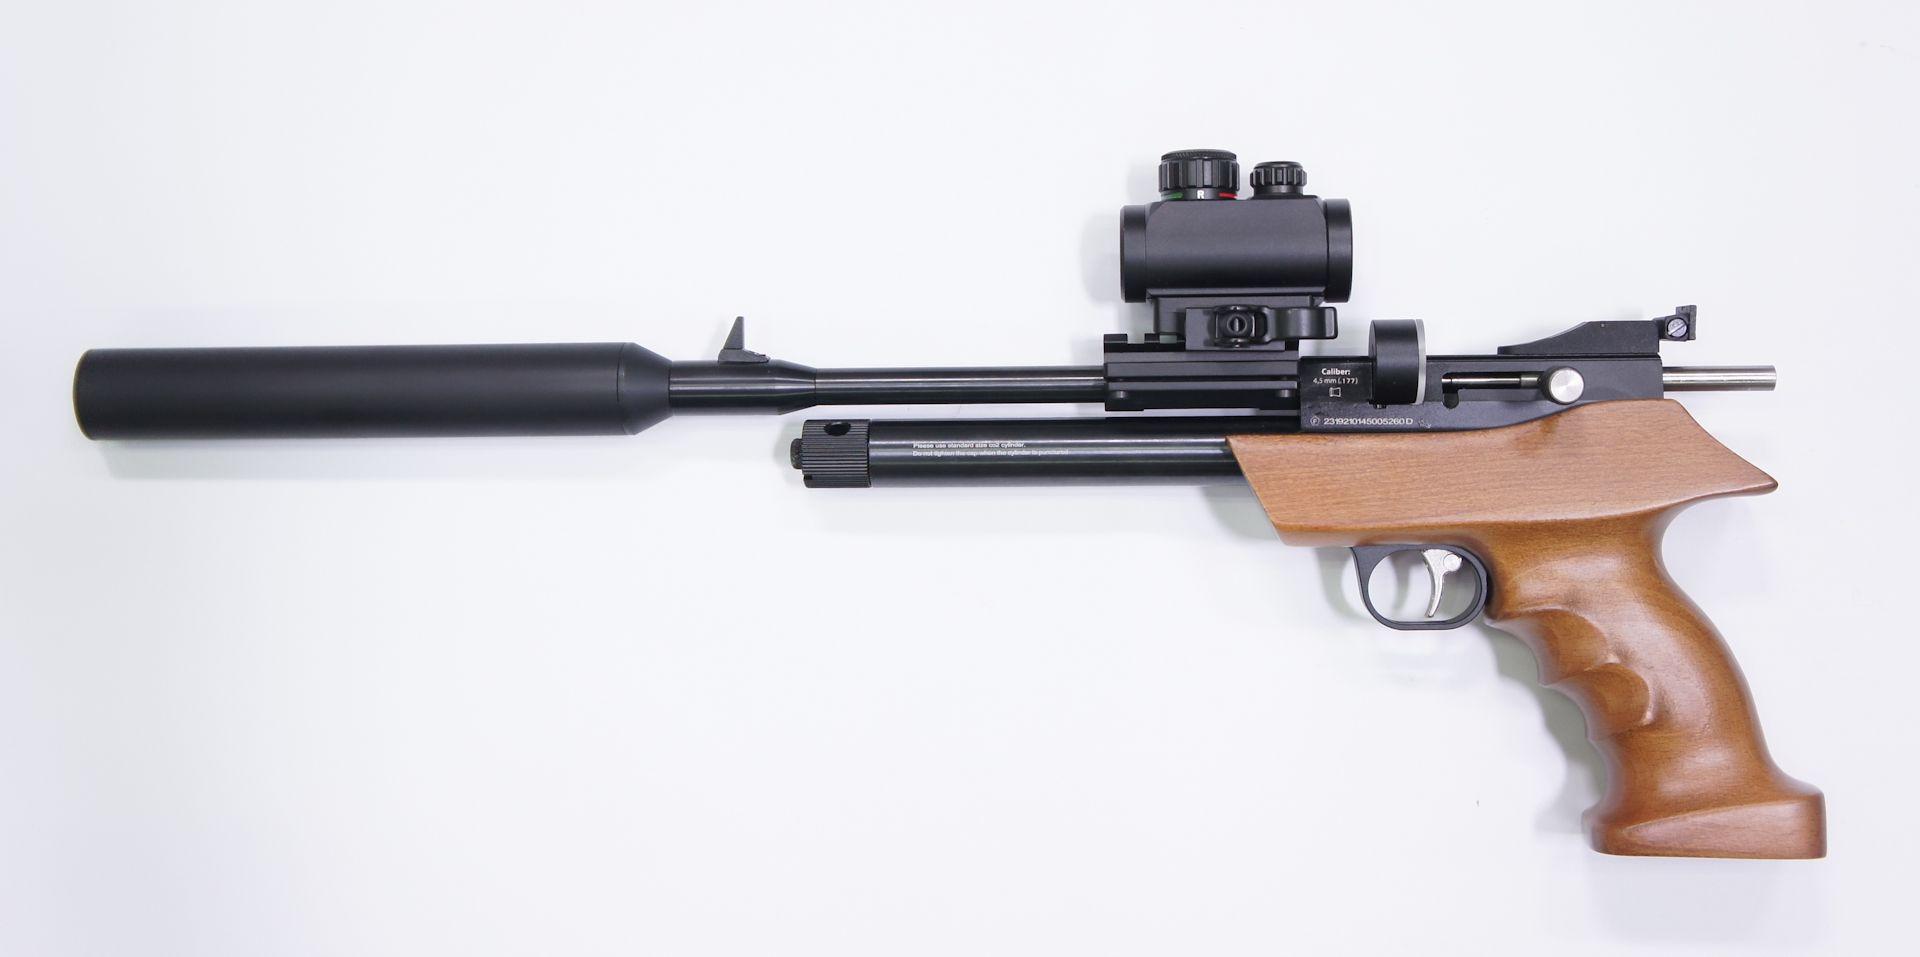 Set aus CO2 Repetierluftpistole Diana airbug mit Optik, Schalldämfer und Zubehör